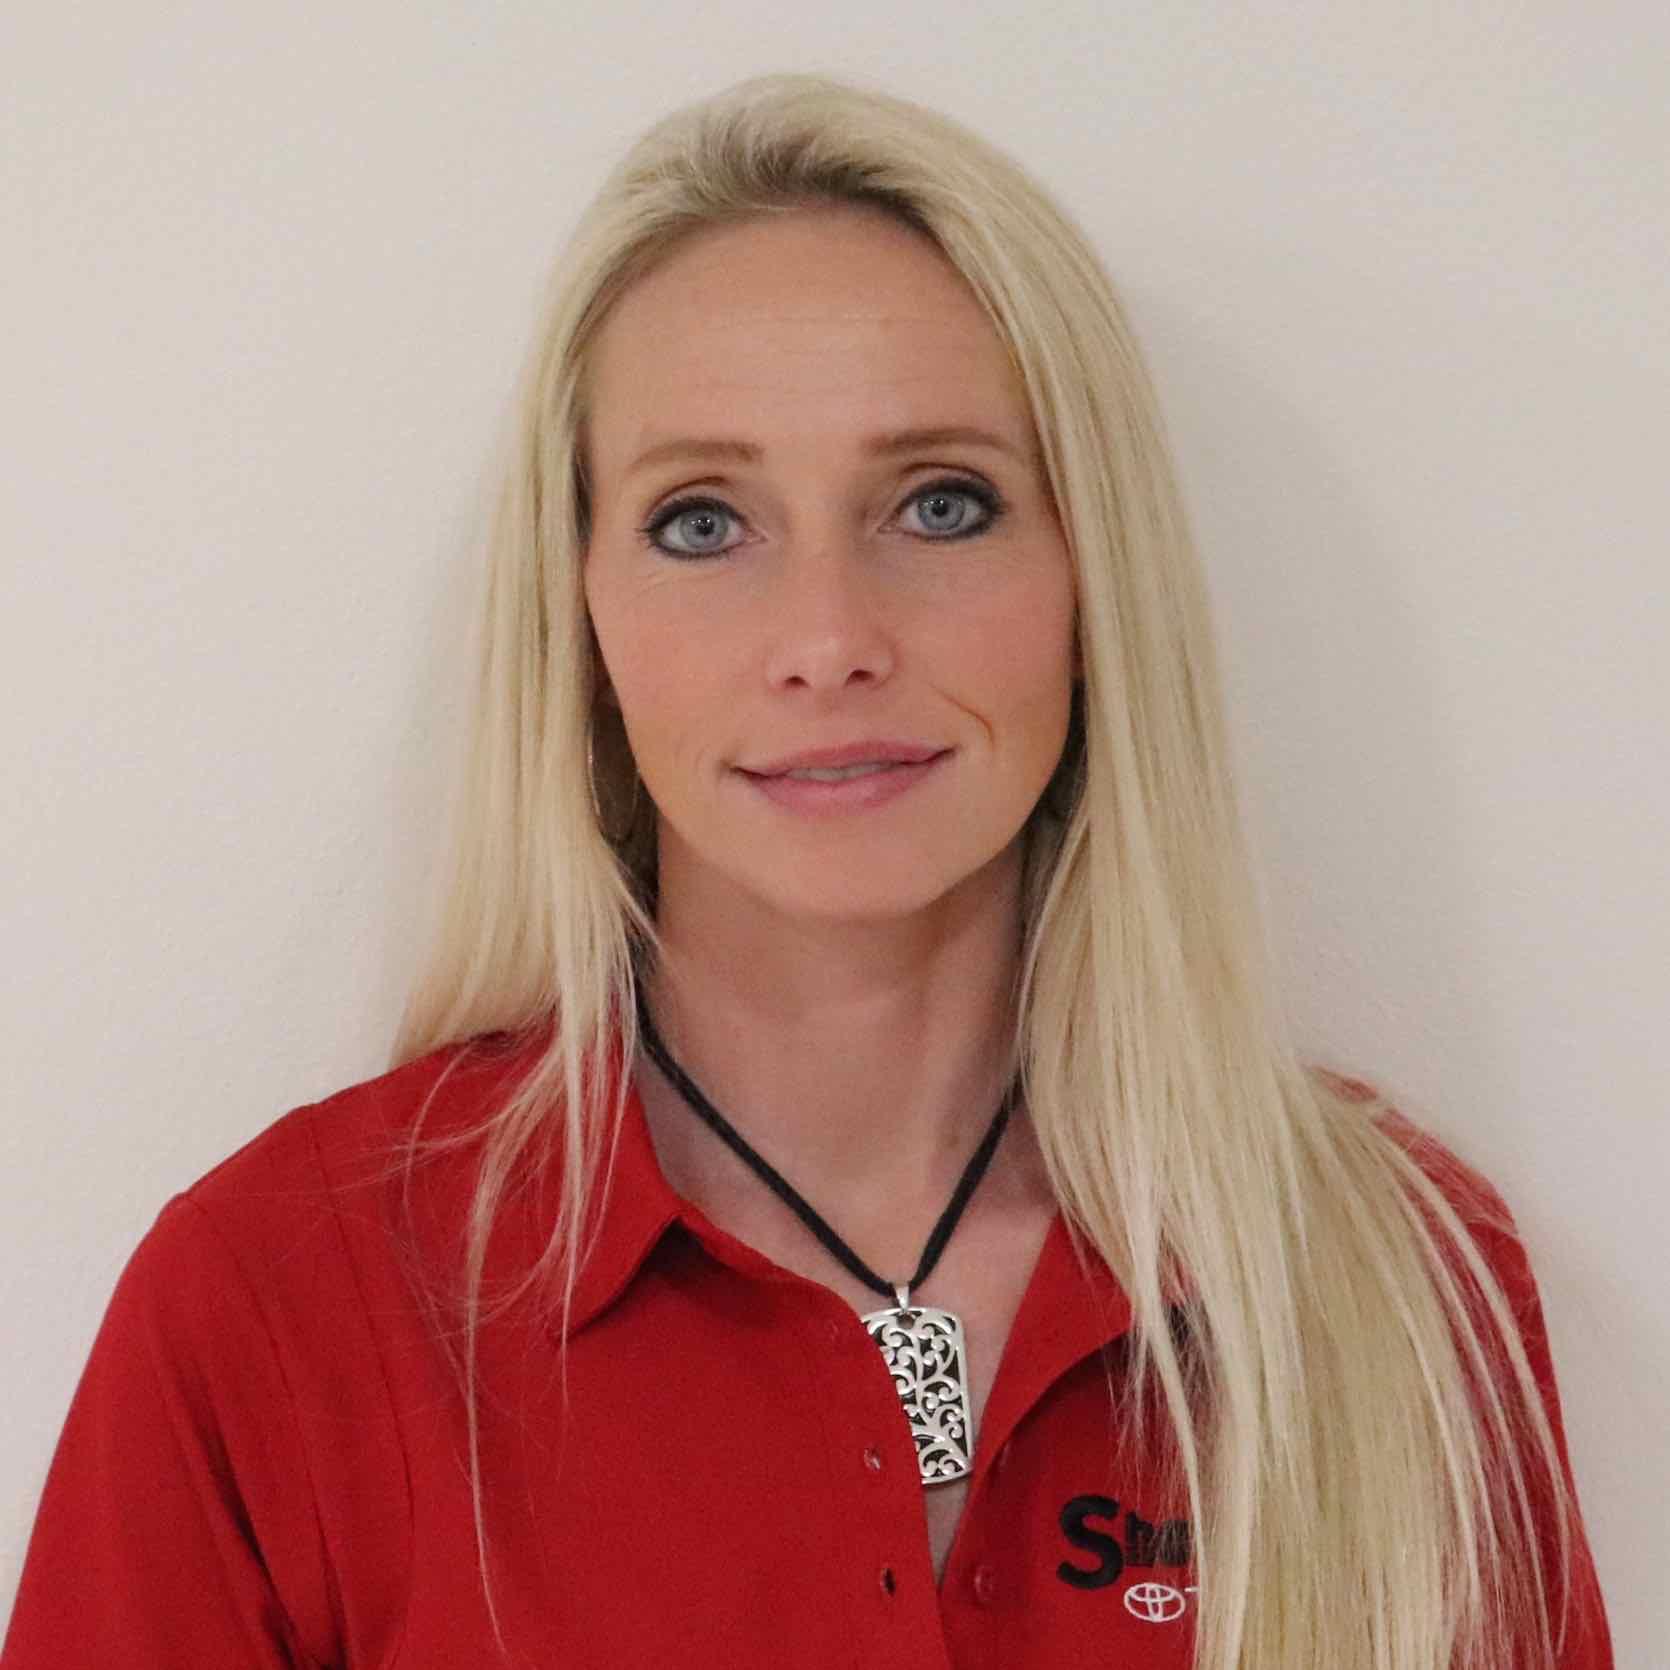 Kara Shpakoff Bio Image